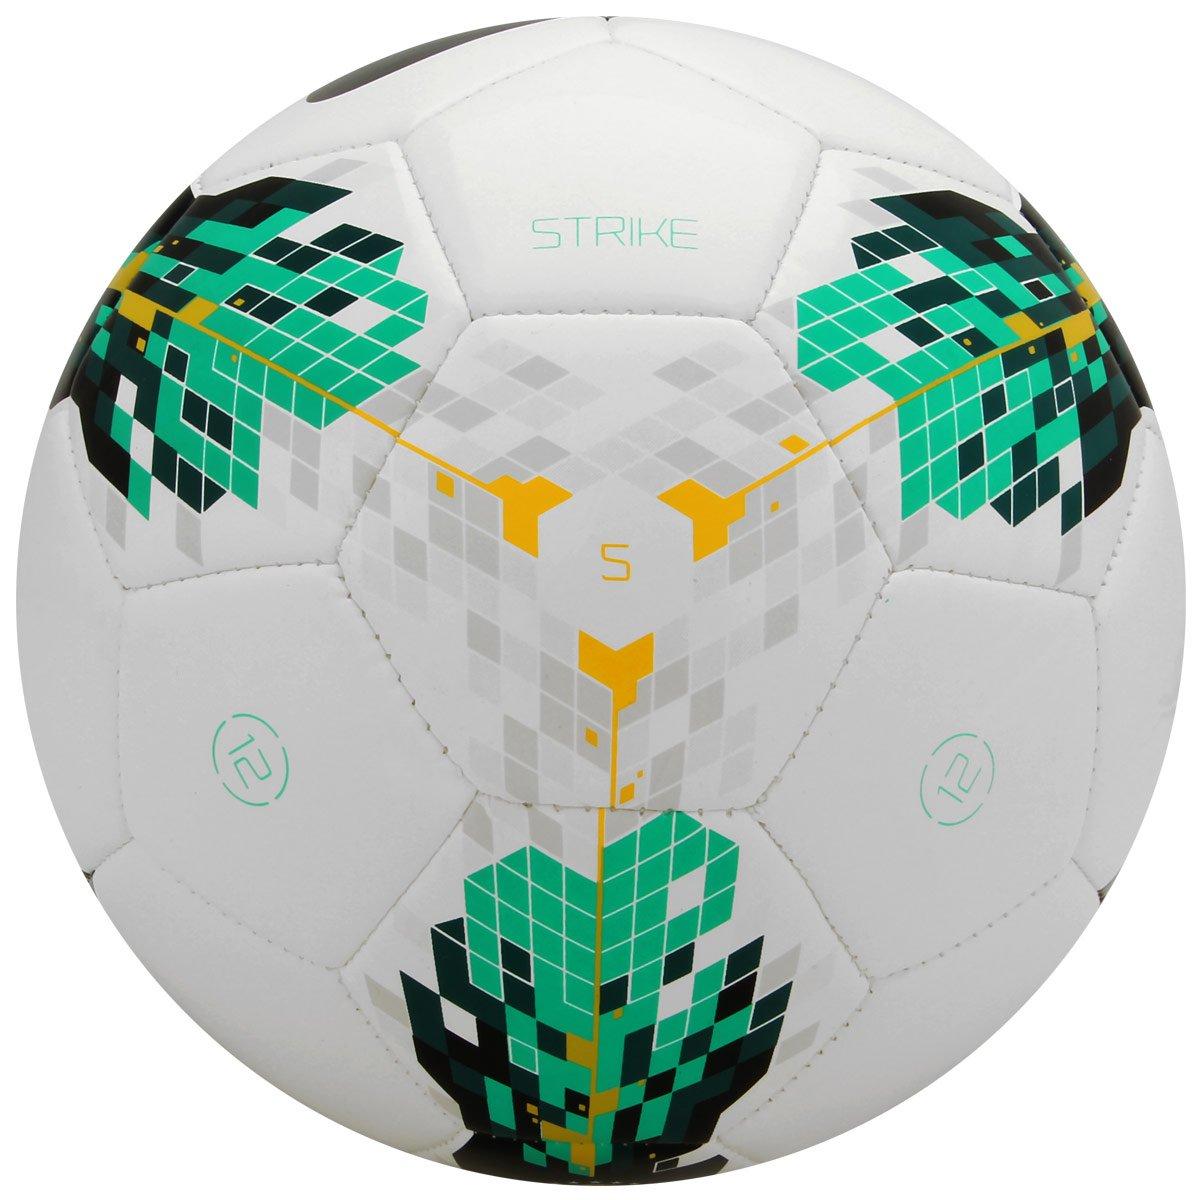 54d6f67f92ec0 Bola Futebol Nike Strike Cbf Replica Brasileirao Campo Compre